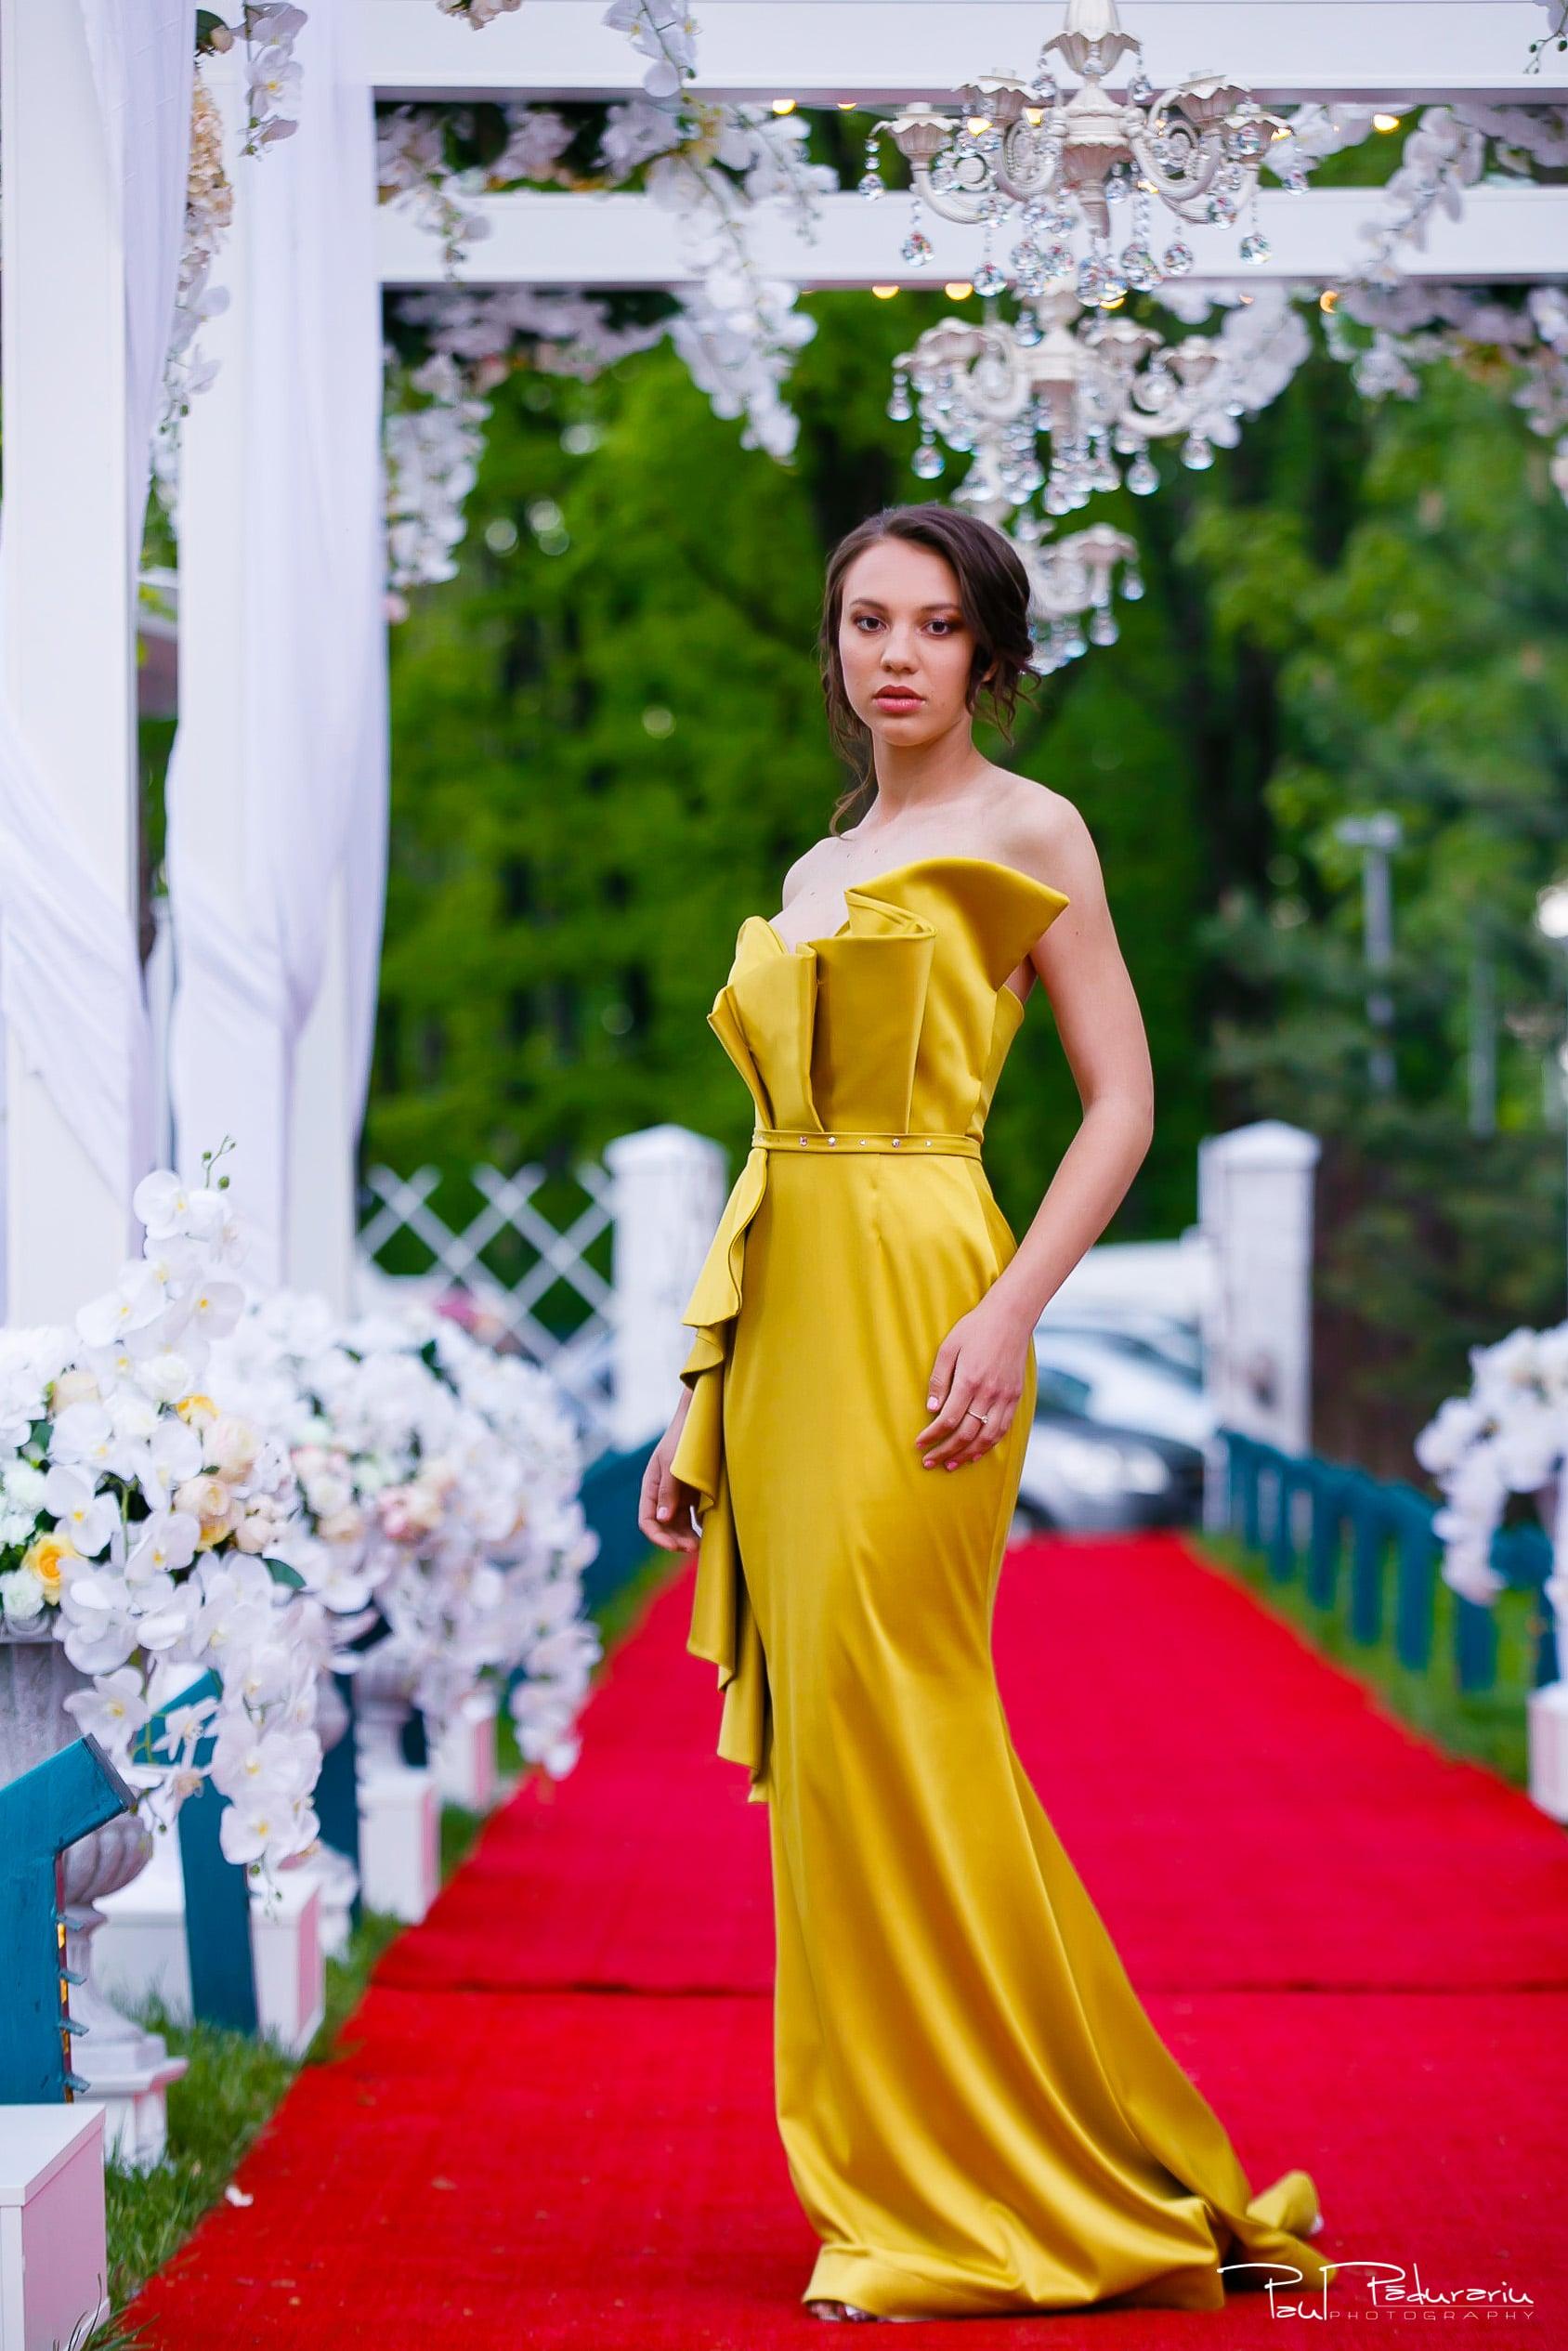 Nunta de proba Elysium Iasi 2019 paul padurariu fotograf nunta Iasi 57